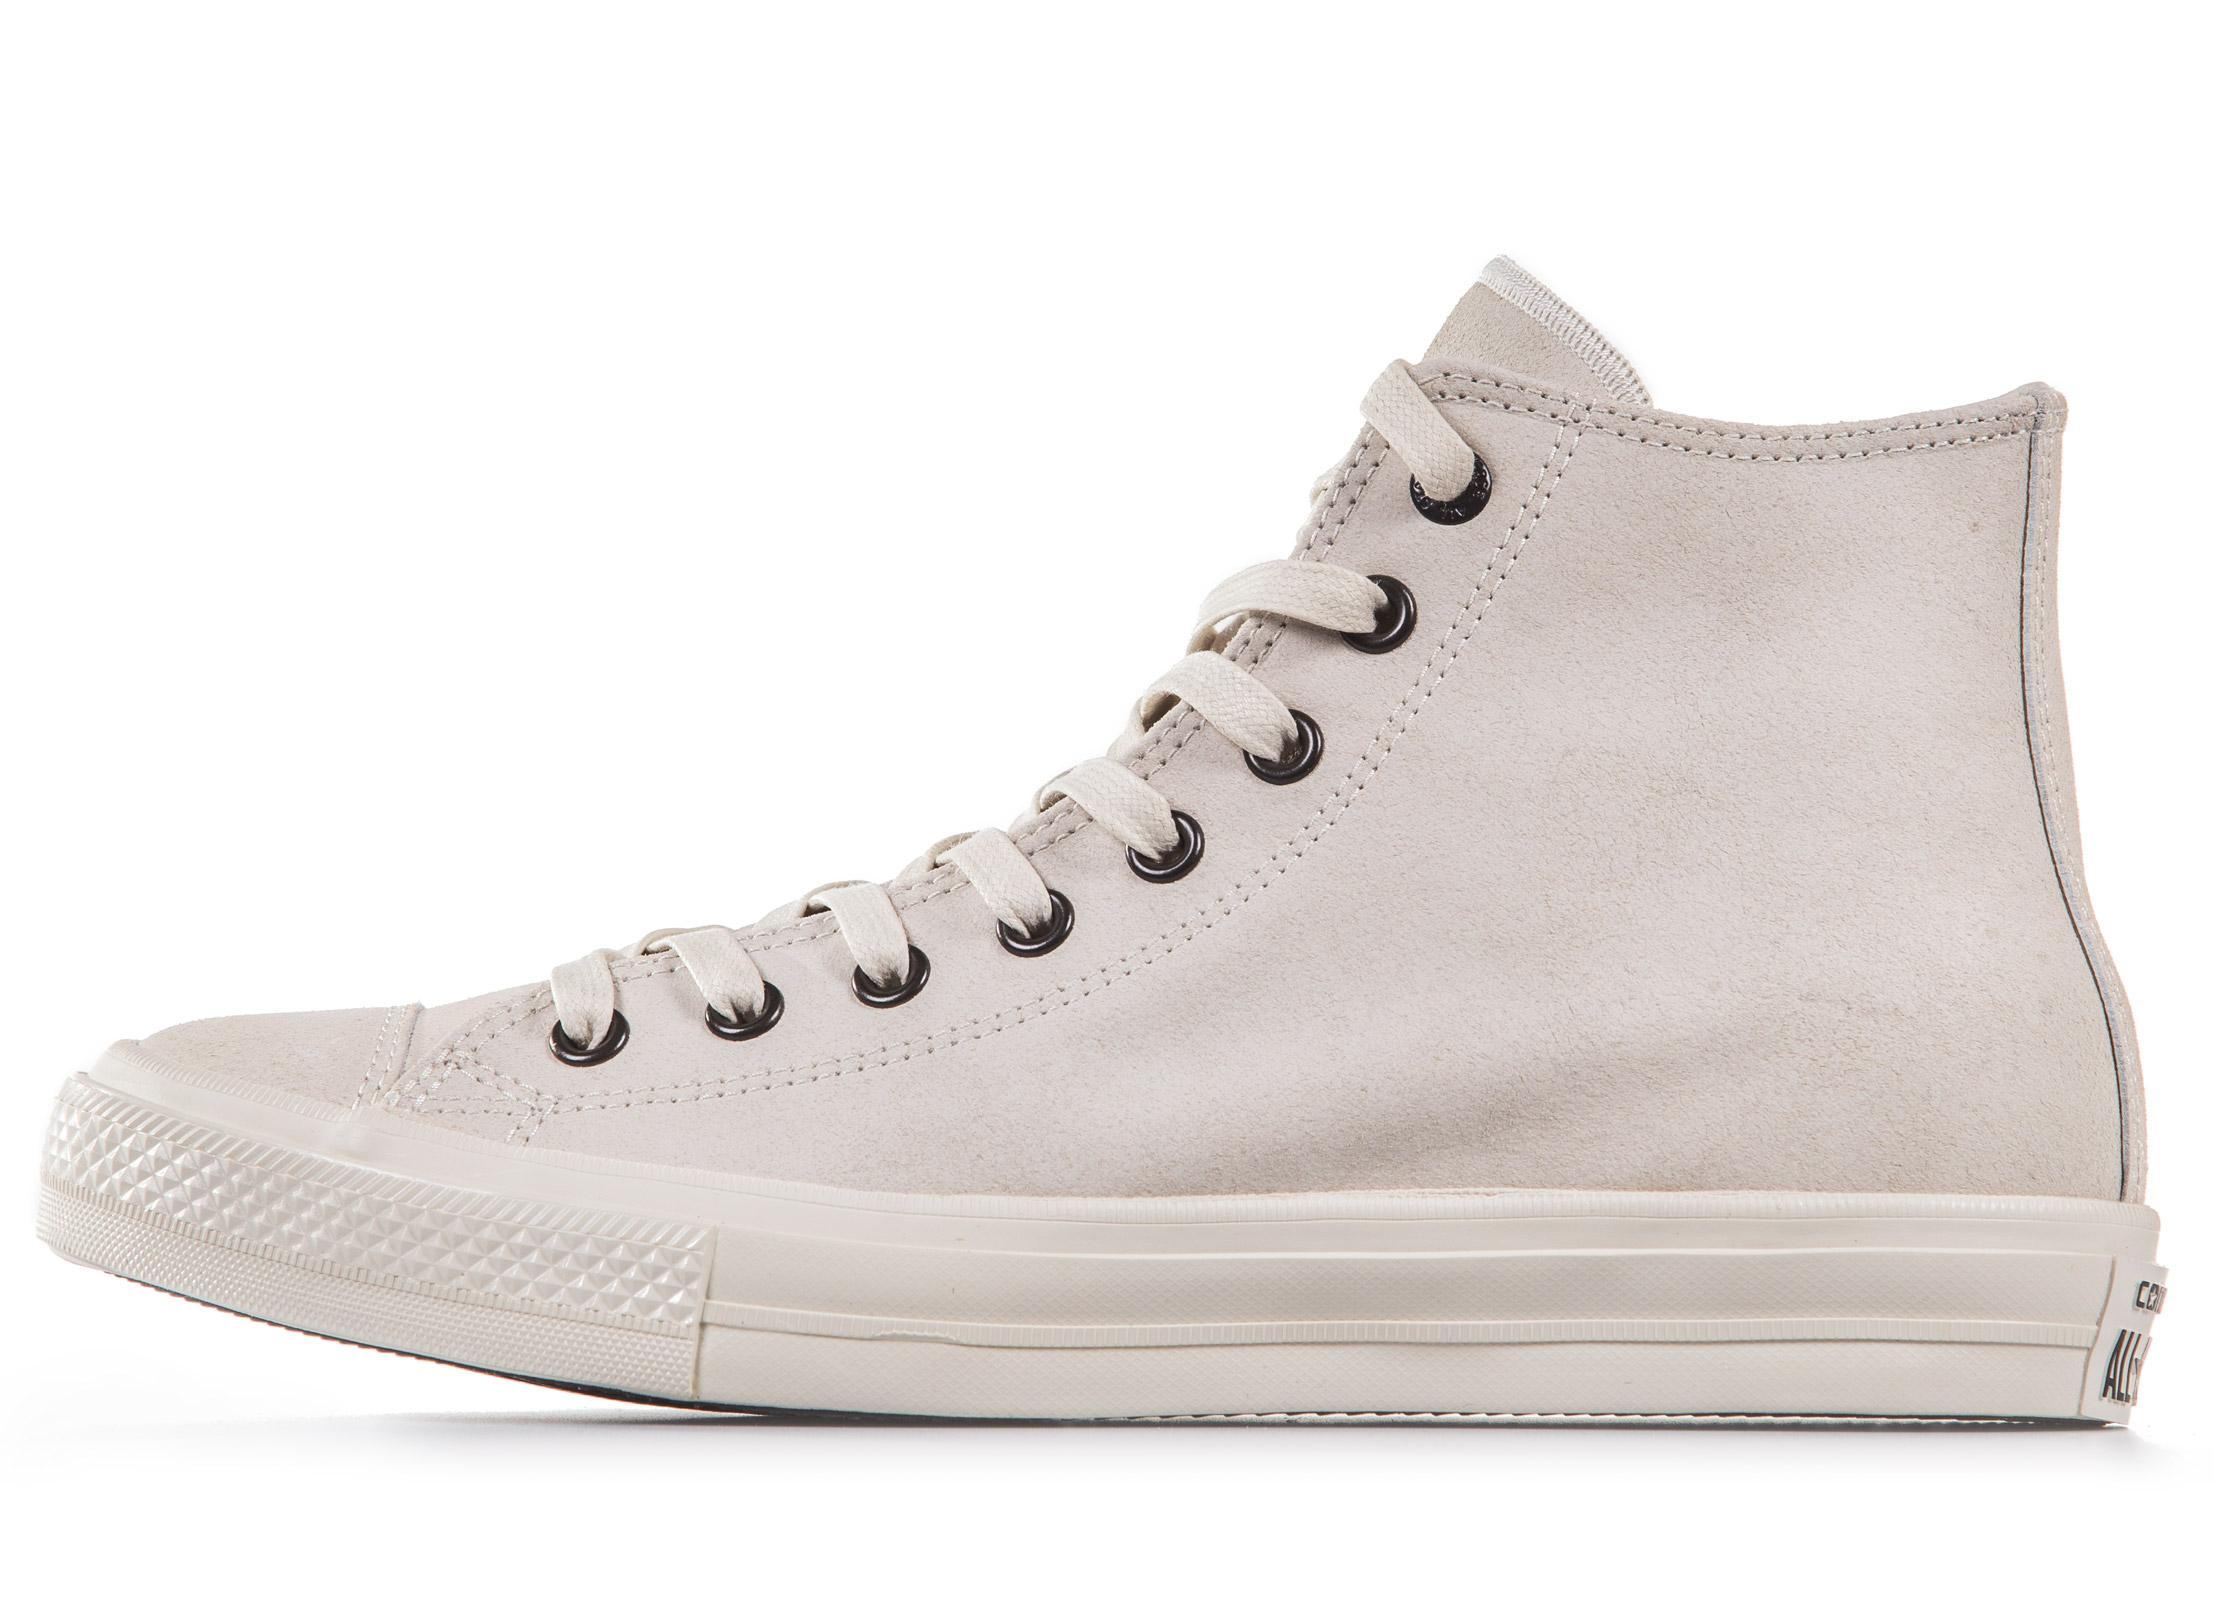 Converse x John Varvatos Chuck II Coated Leather High Top 153890C Εκρού